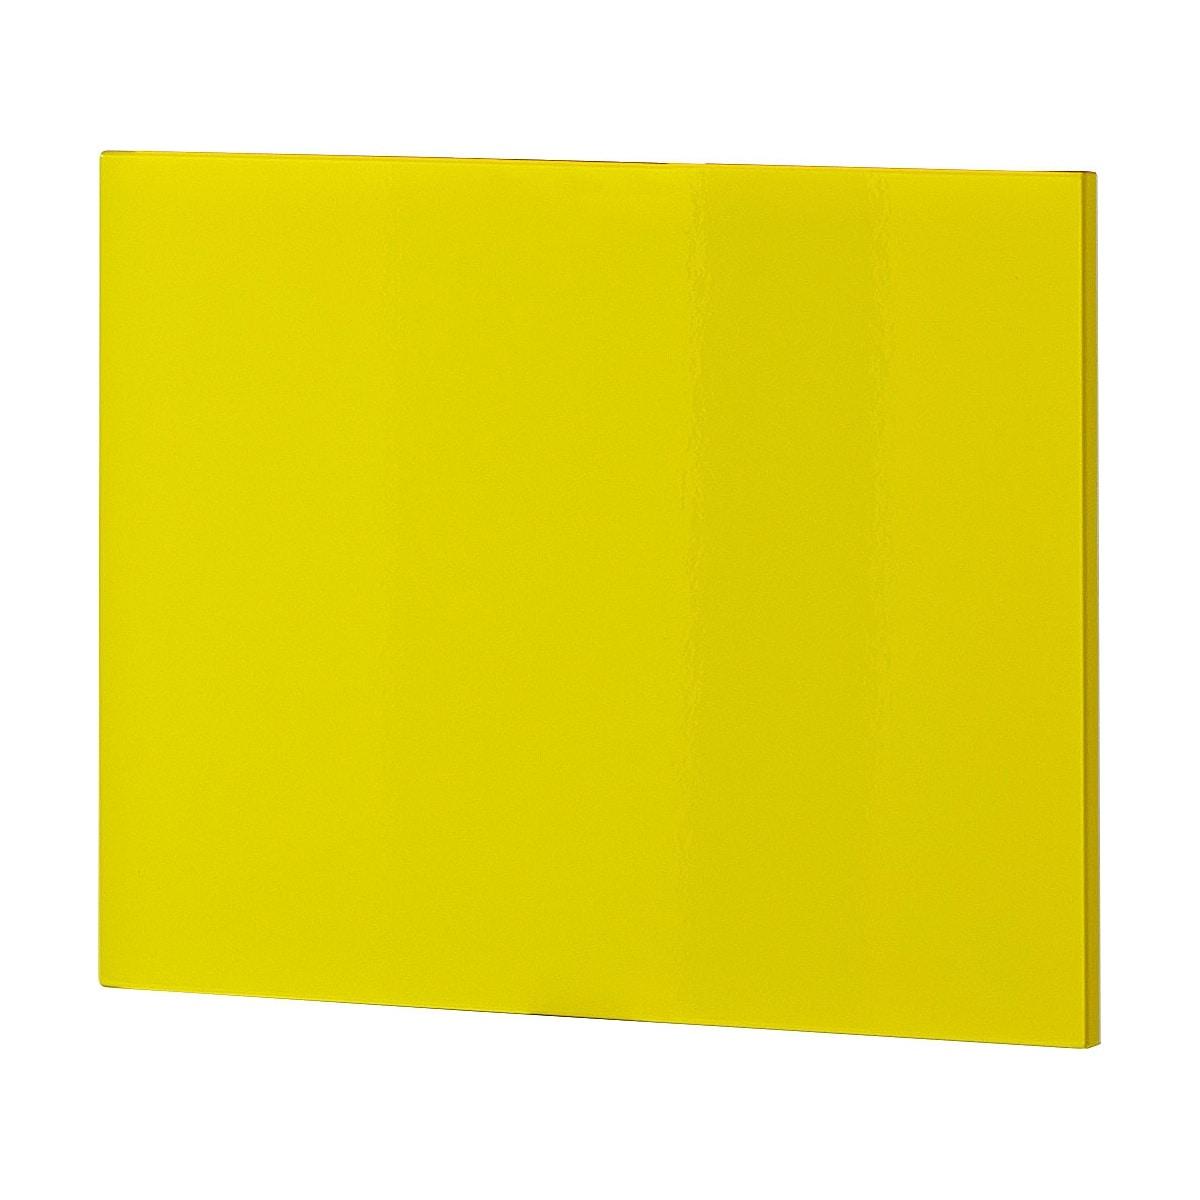 Klappe f r schuhschrank front gelb hochglanz porta for Porta schuhschrank